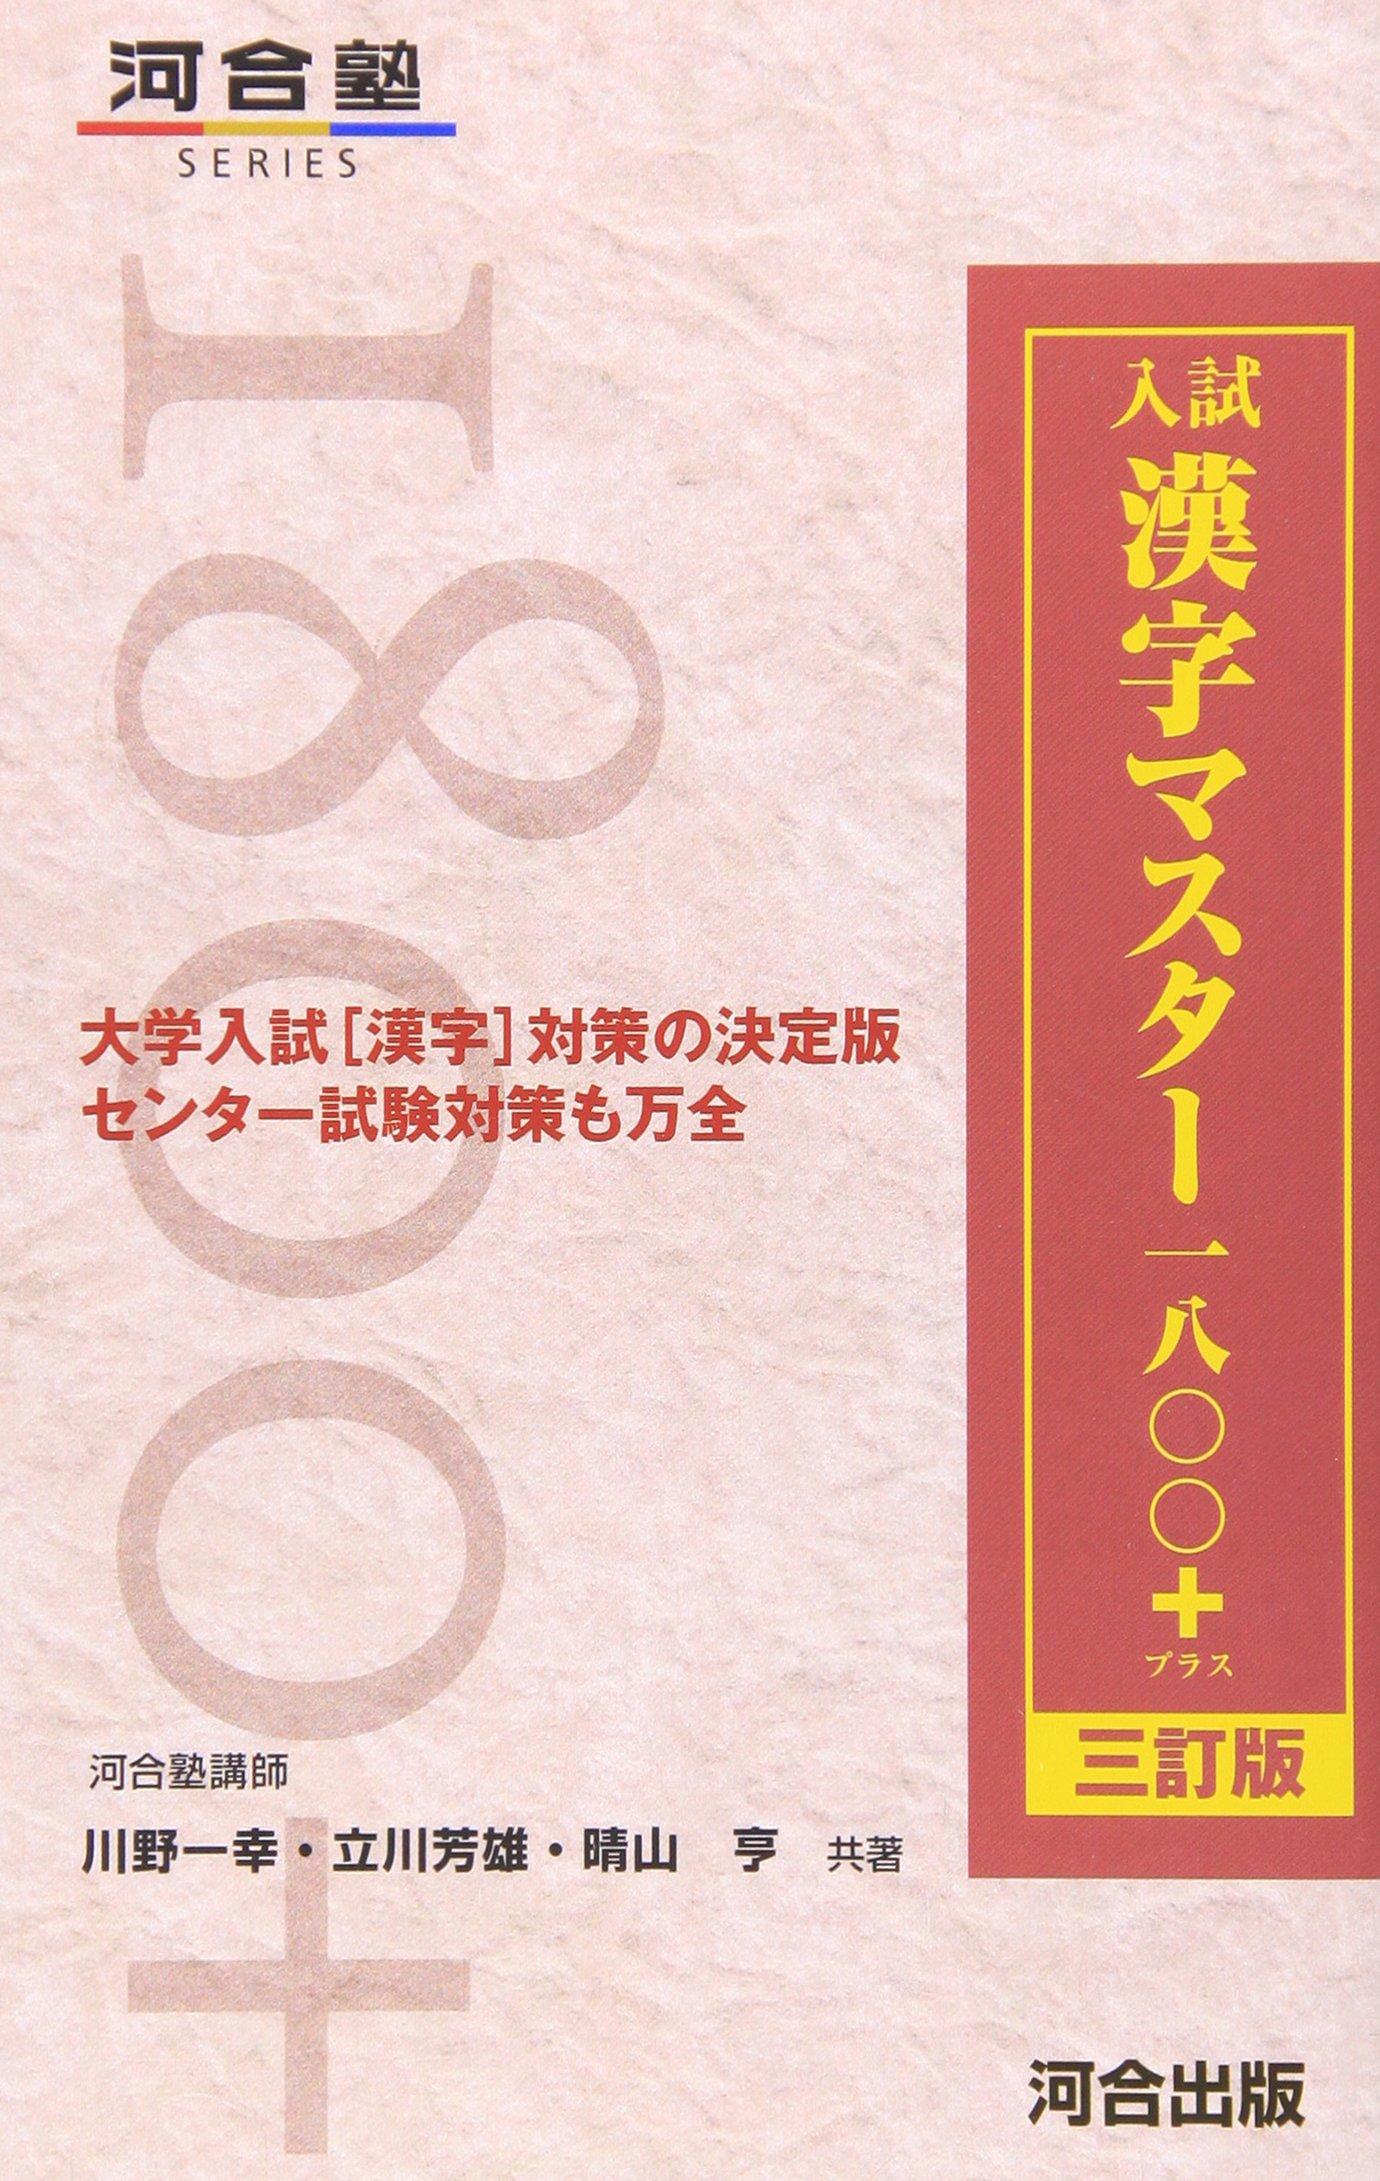 【参考書活用】入試漢字マスター1800+ (河合塾シリーズ)